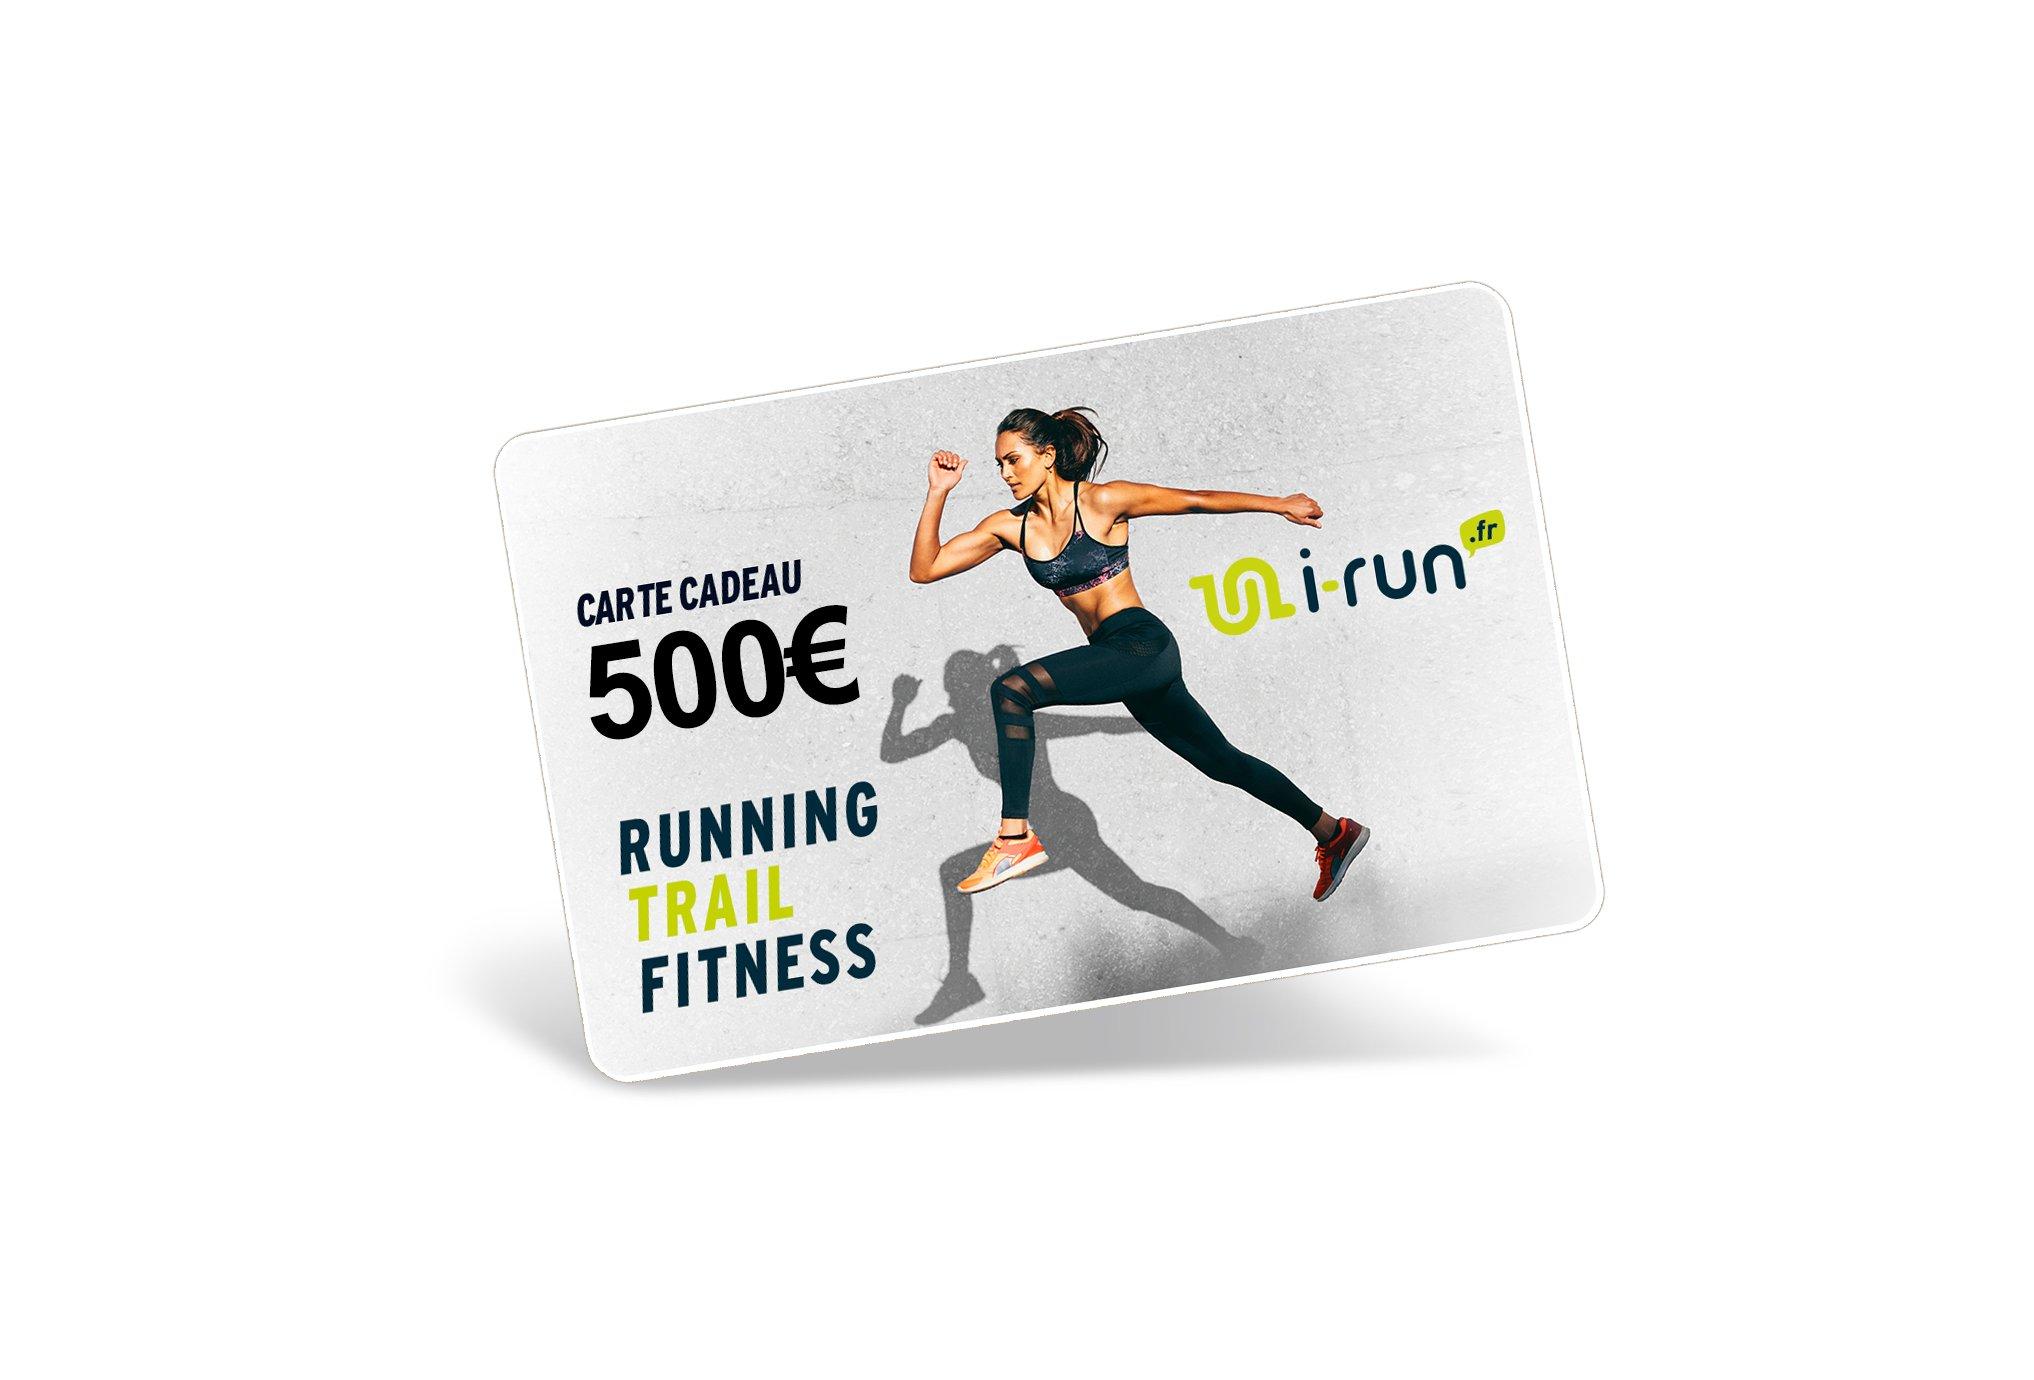 i-run.fr Carte Cadeau 500 W Cartes Cadeau